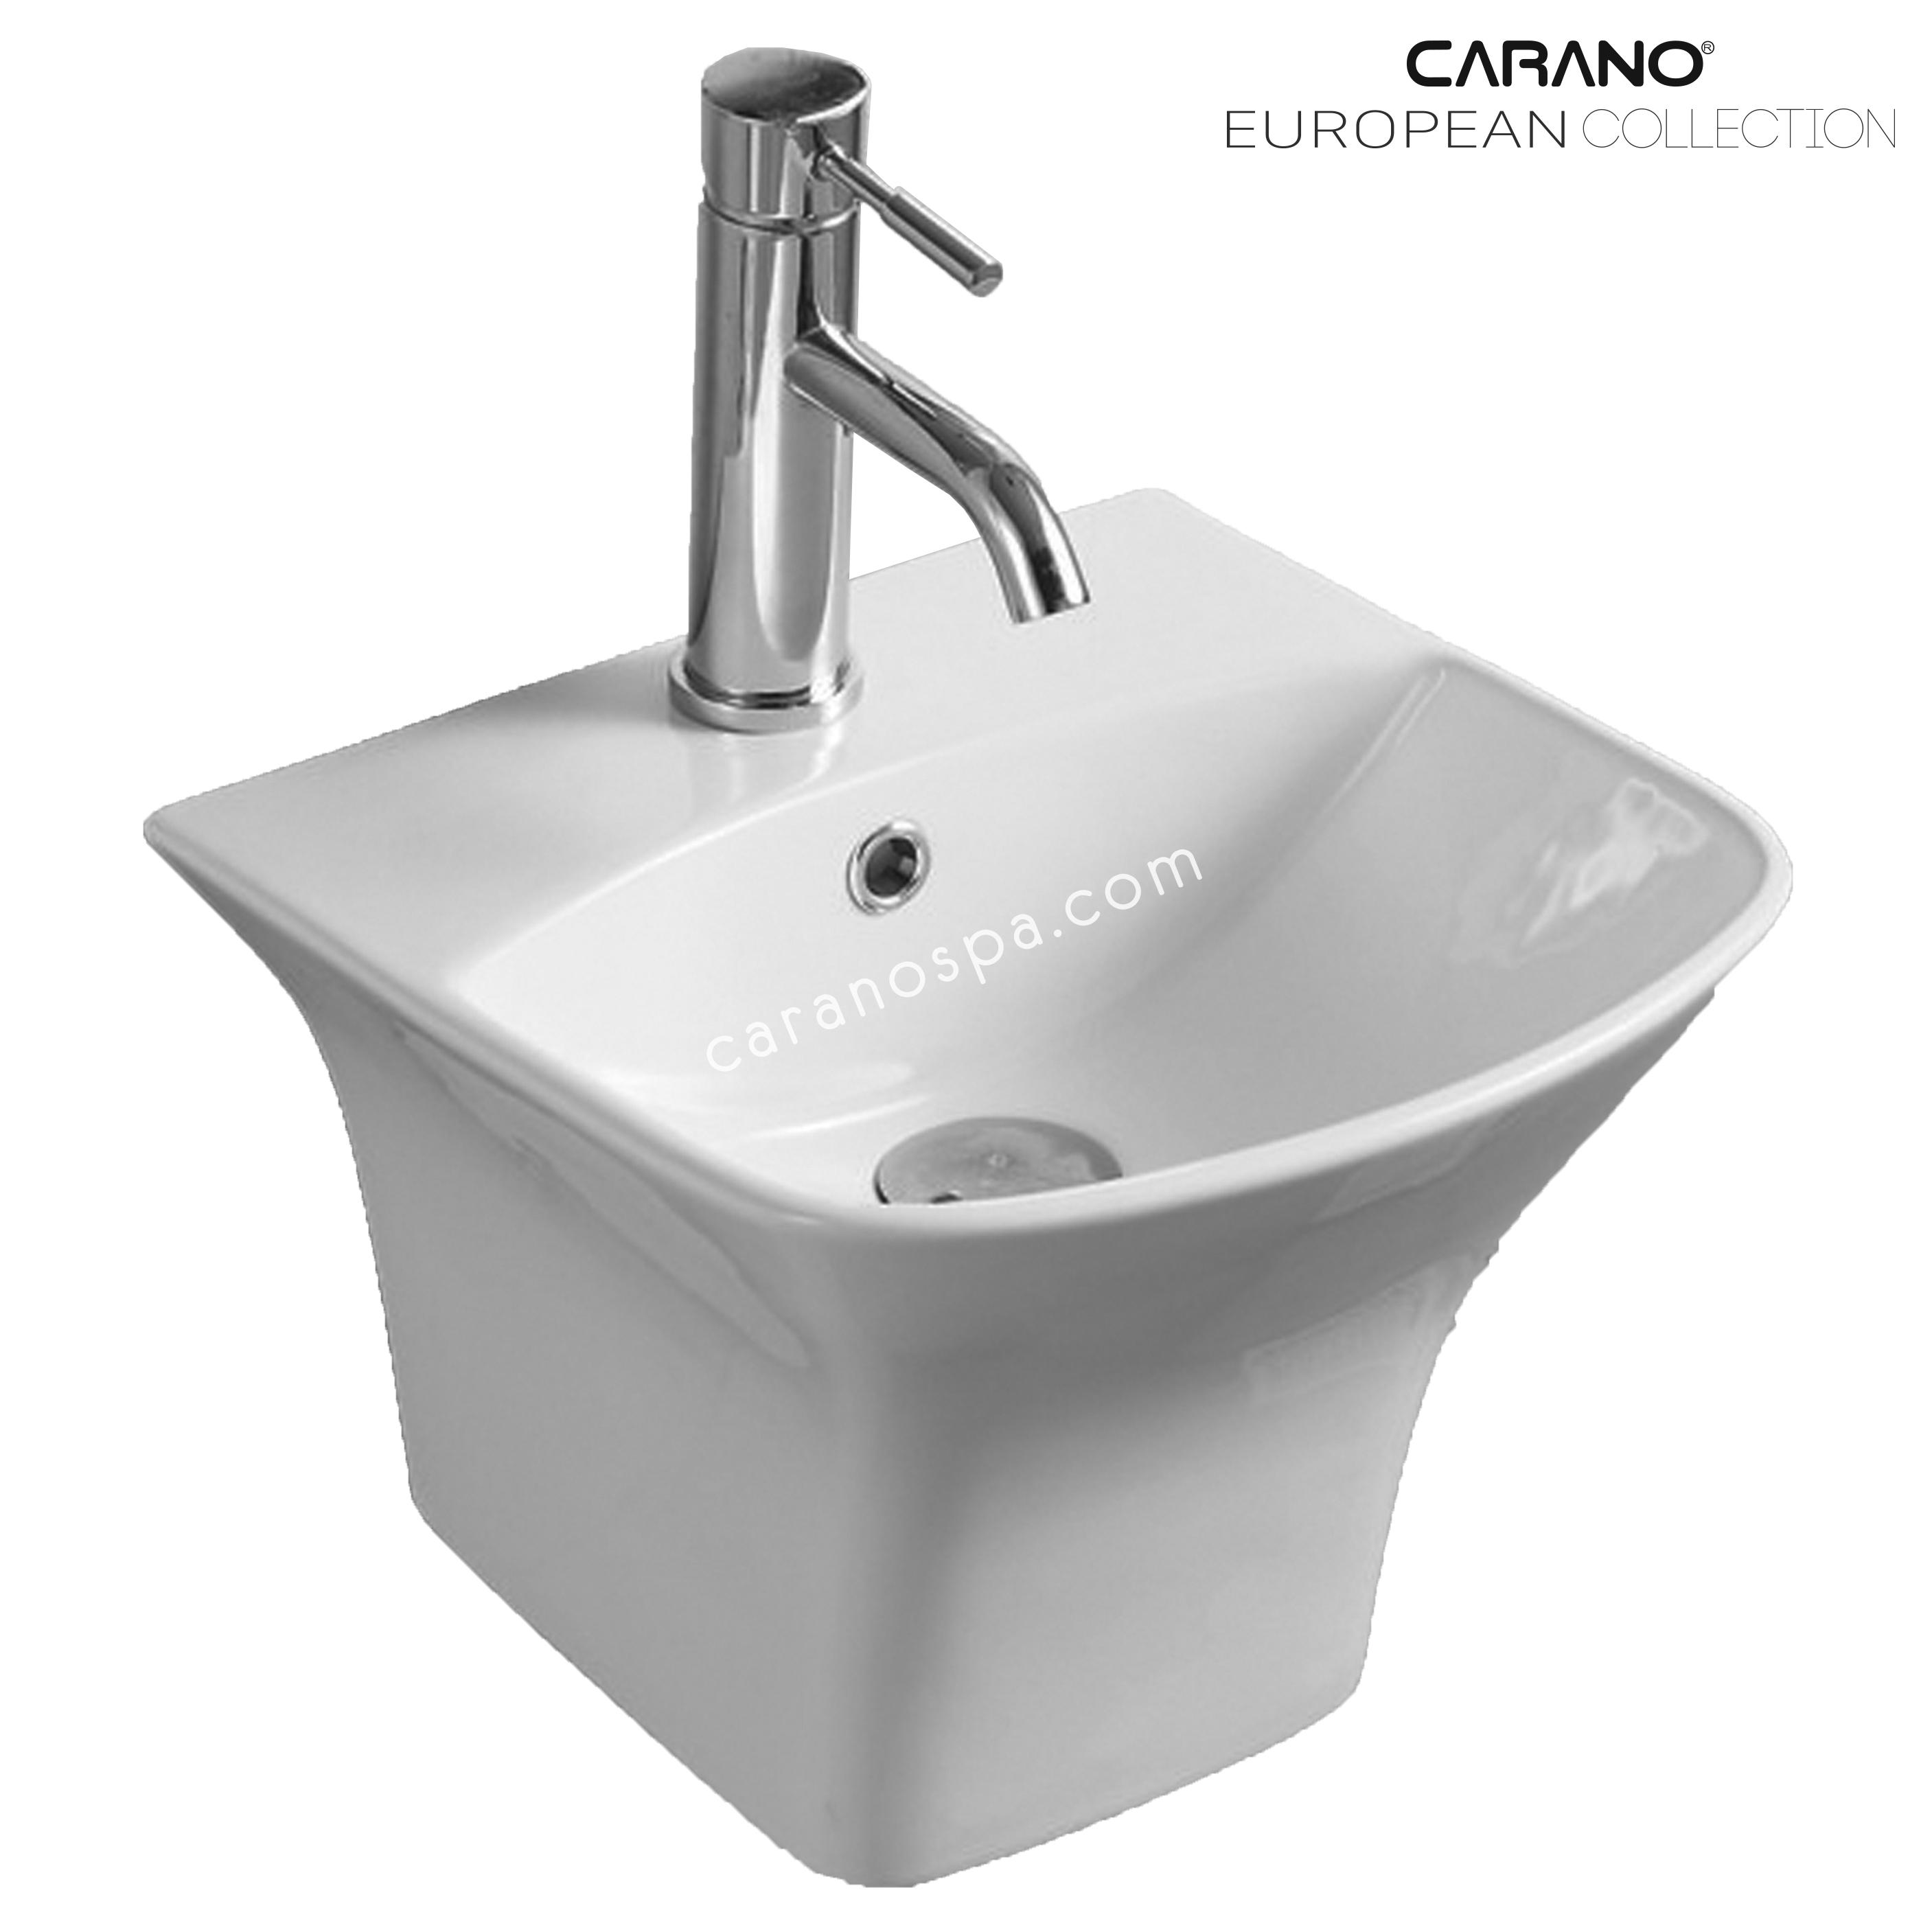 CHẬU RỬA CARANO ĐẶT BÀN LS5200D (lavabo model: LS5200D)